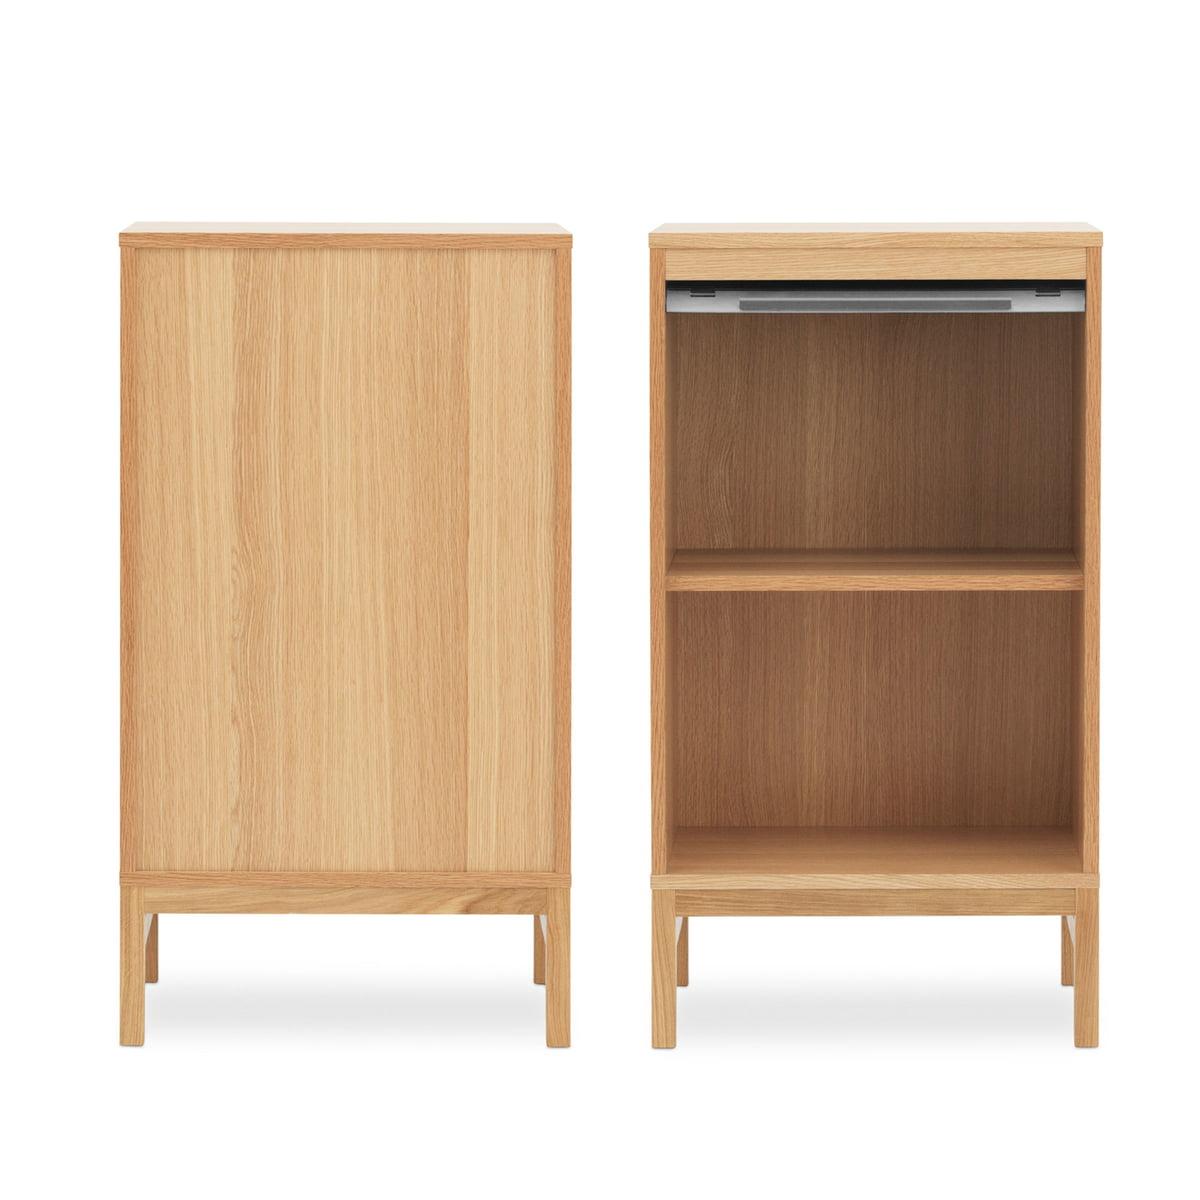 jalousie schrank von normann copenhagen. Black Bedroom Furniture Sets. Home Design Ideas